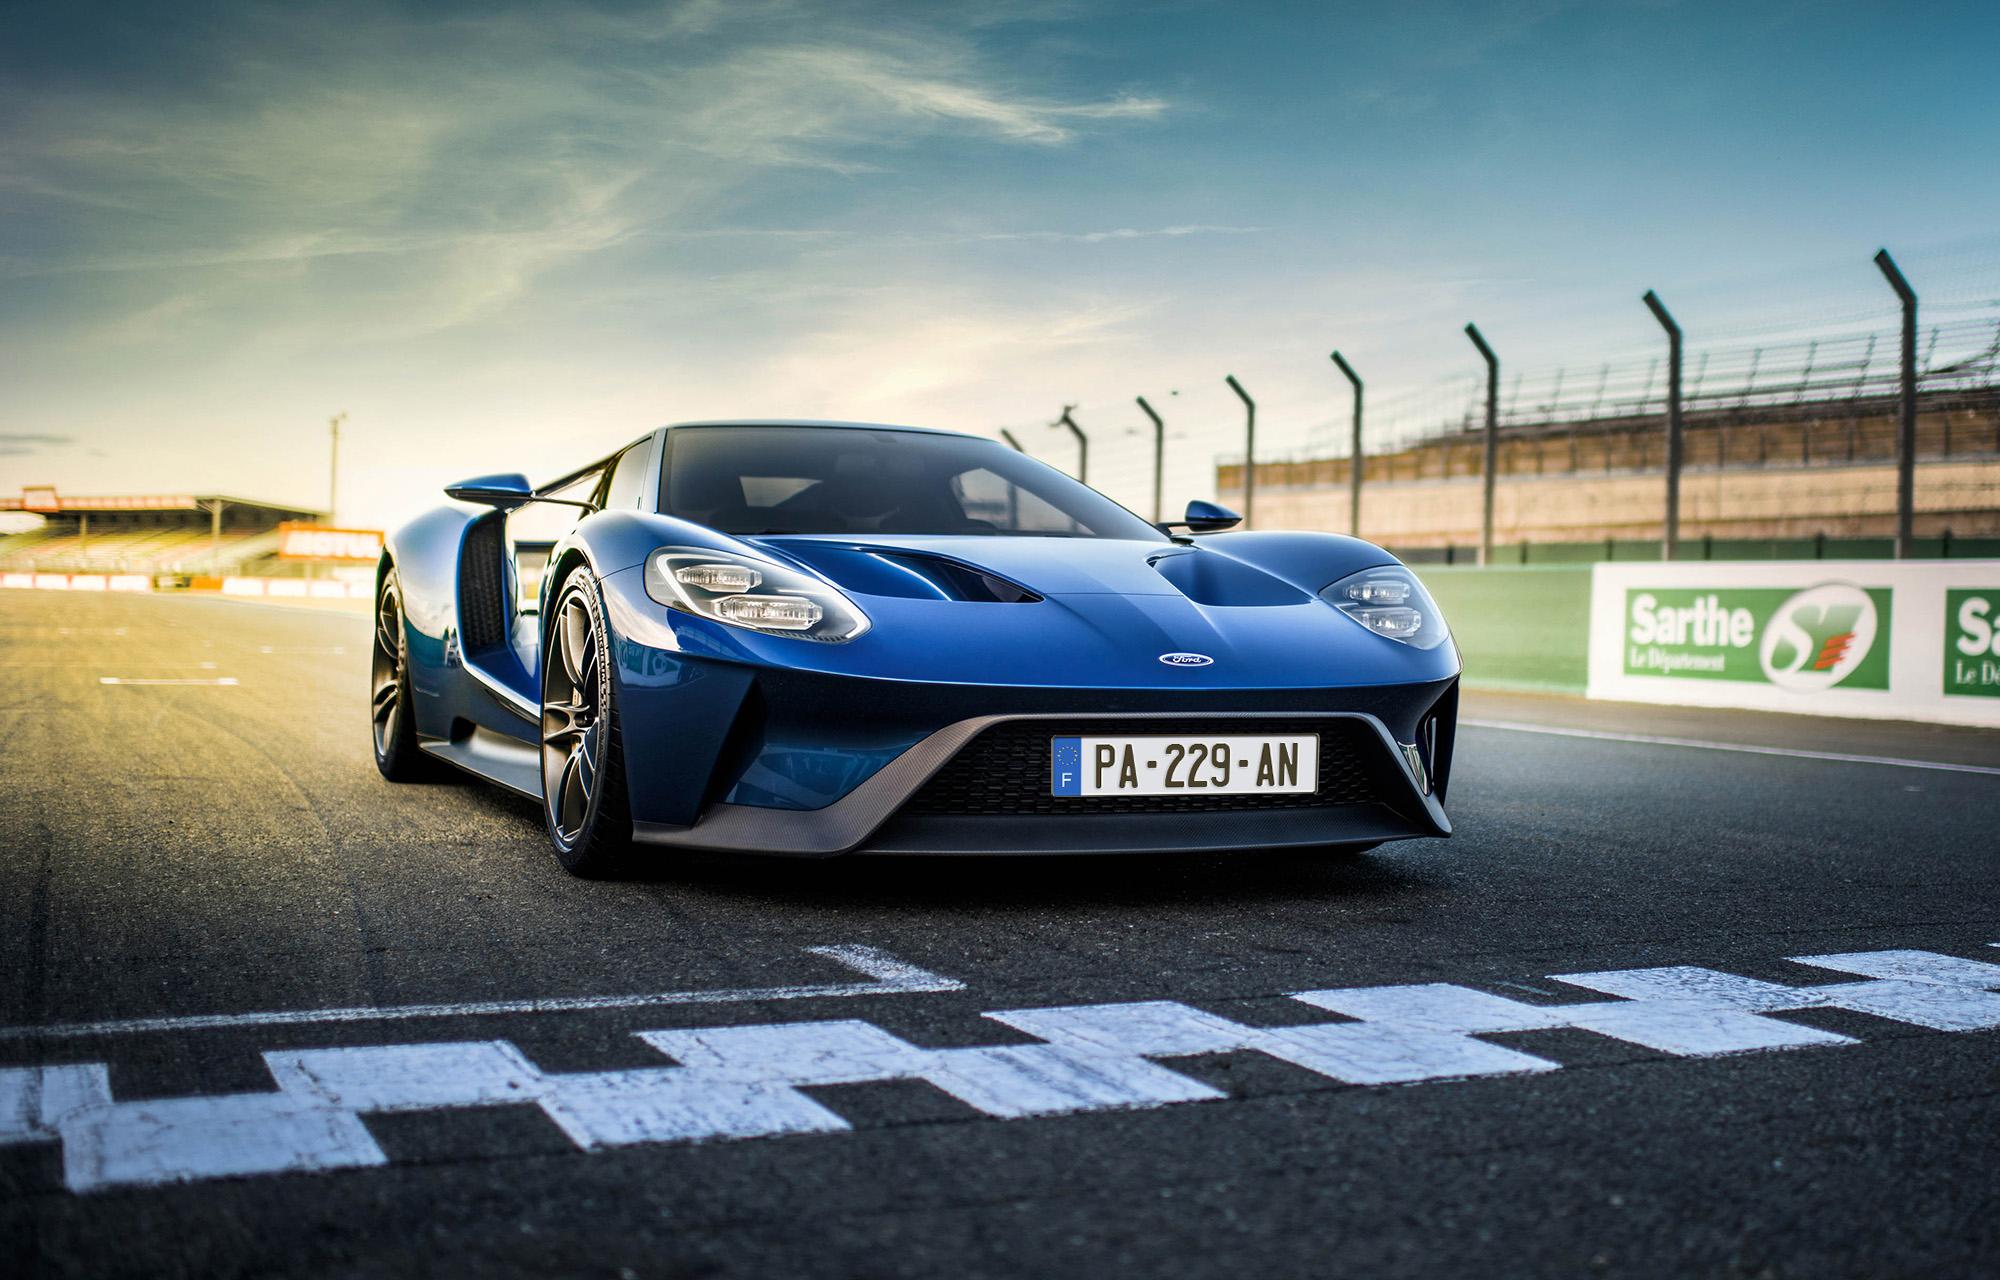 Le-Mans© et Parot Automotive